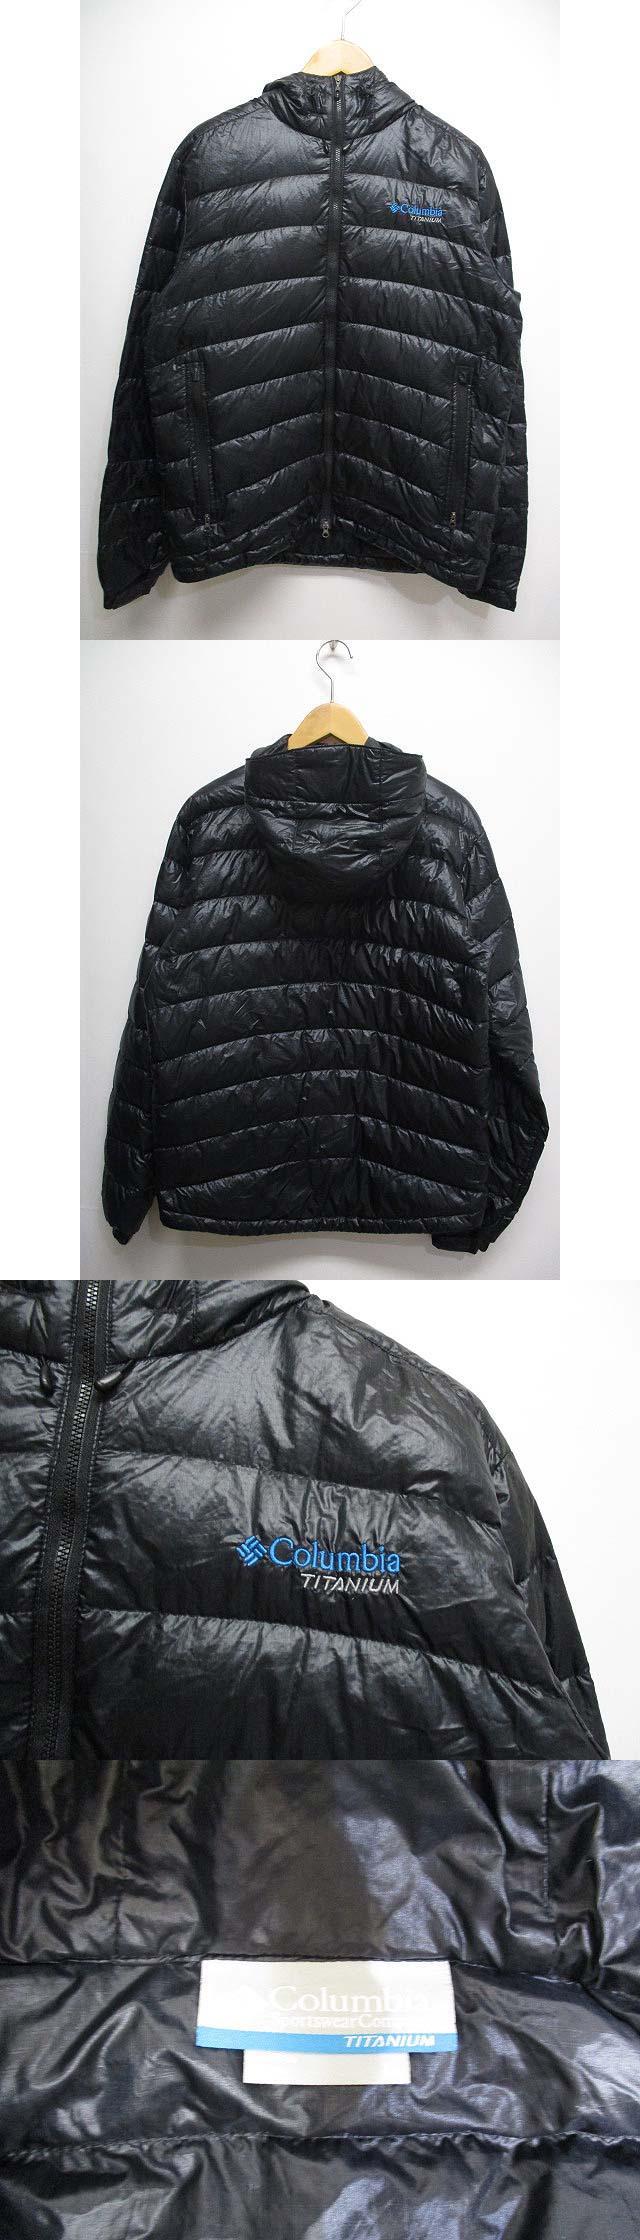 マーベル バンクス ジャケット ダウン L 黒ブラック PM5385 フード 軽量 アウター ブルゾン アウトドア